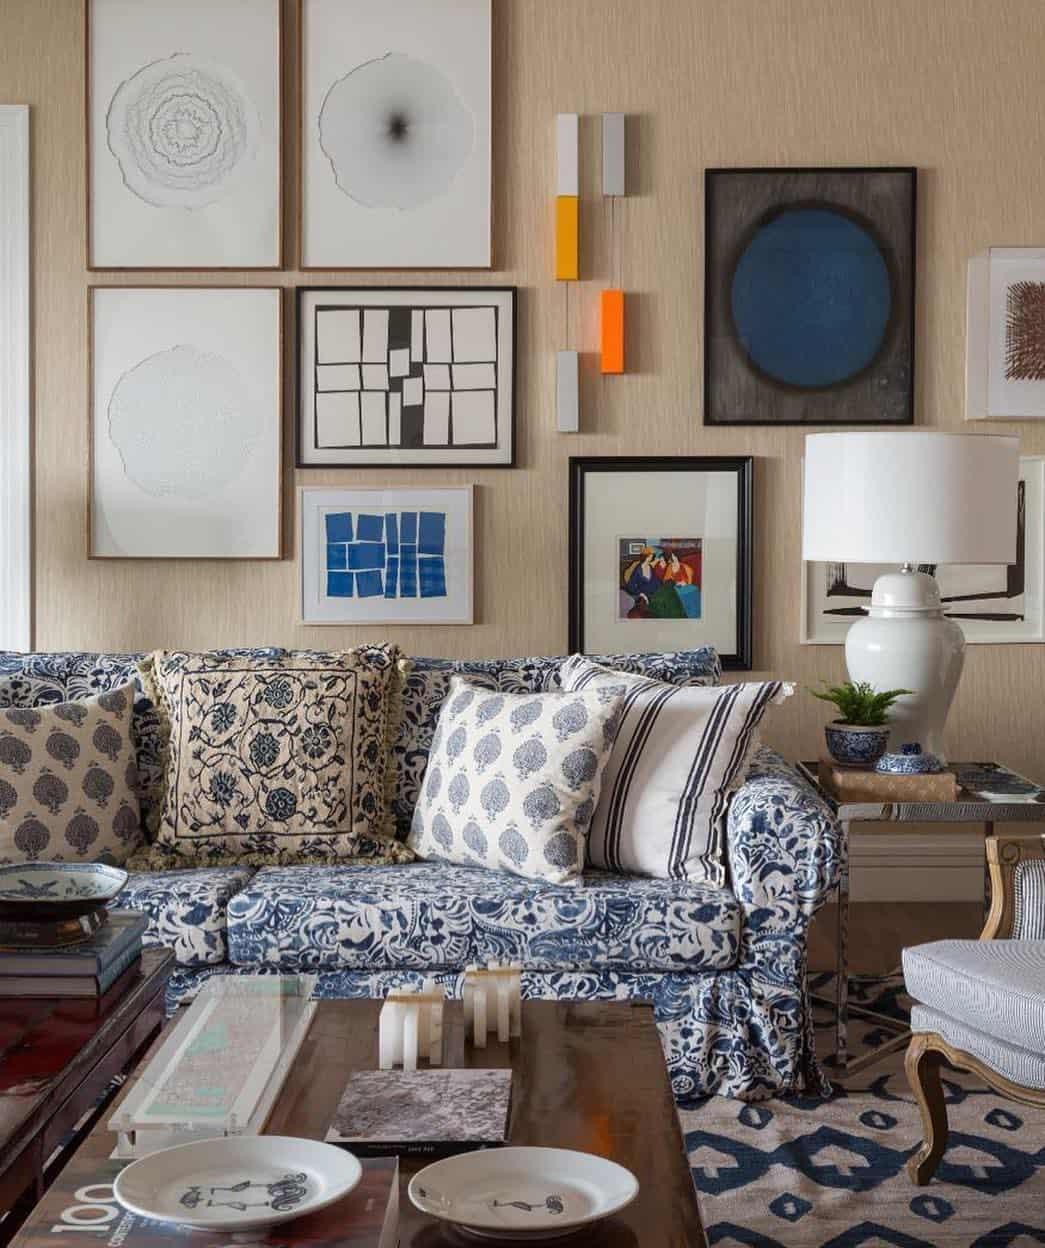 Estampa do sofá combinando com o ambiente